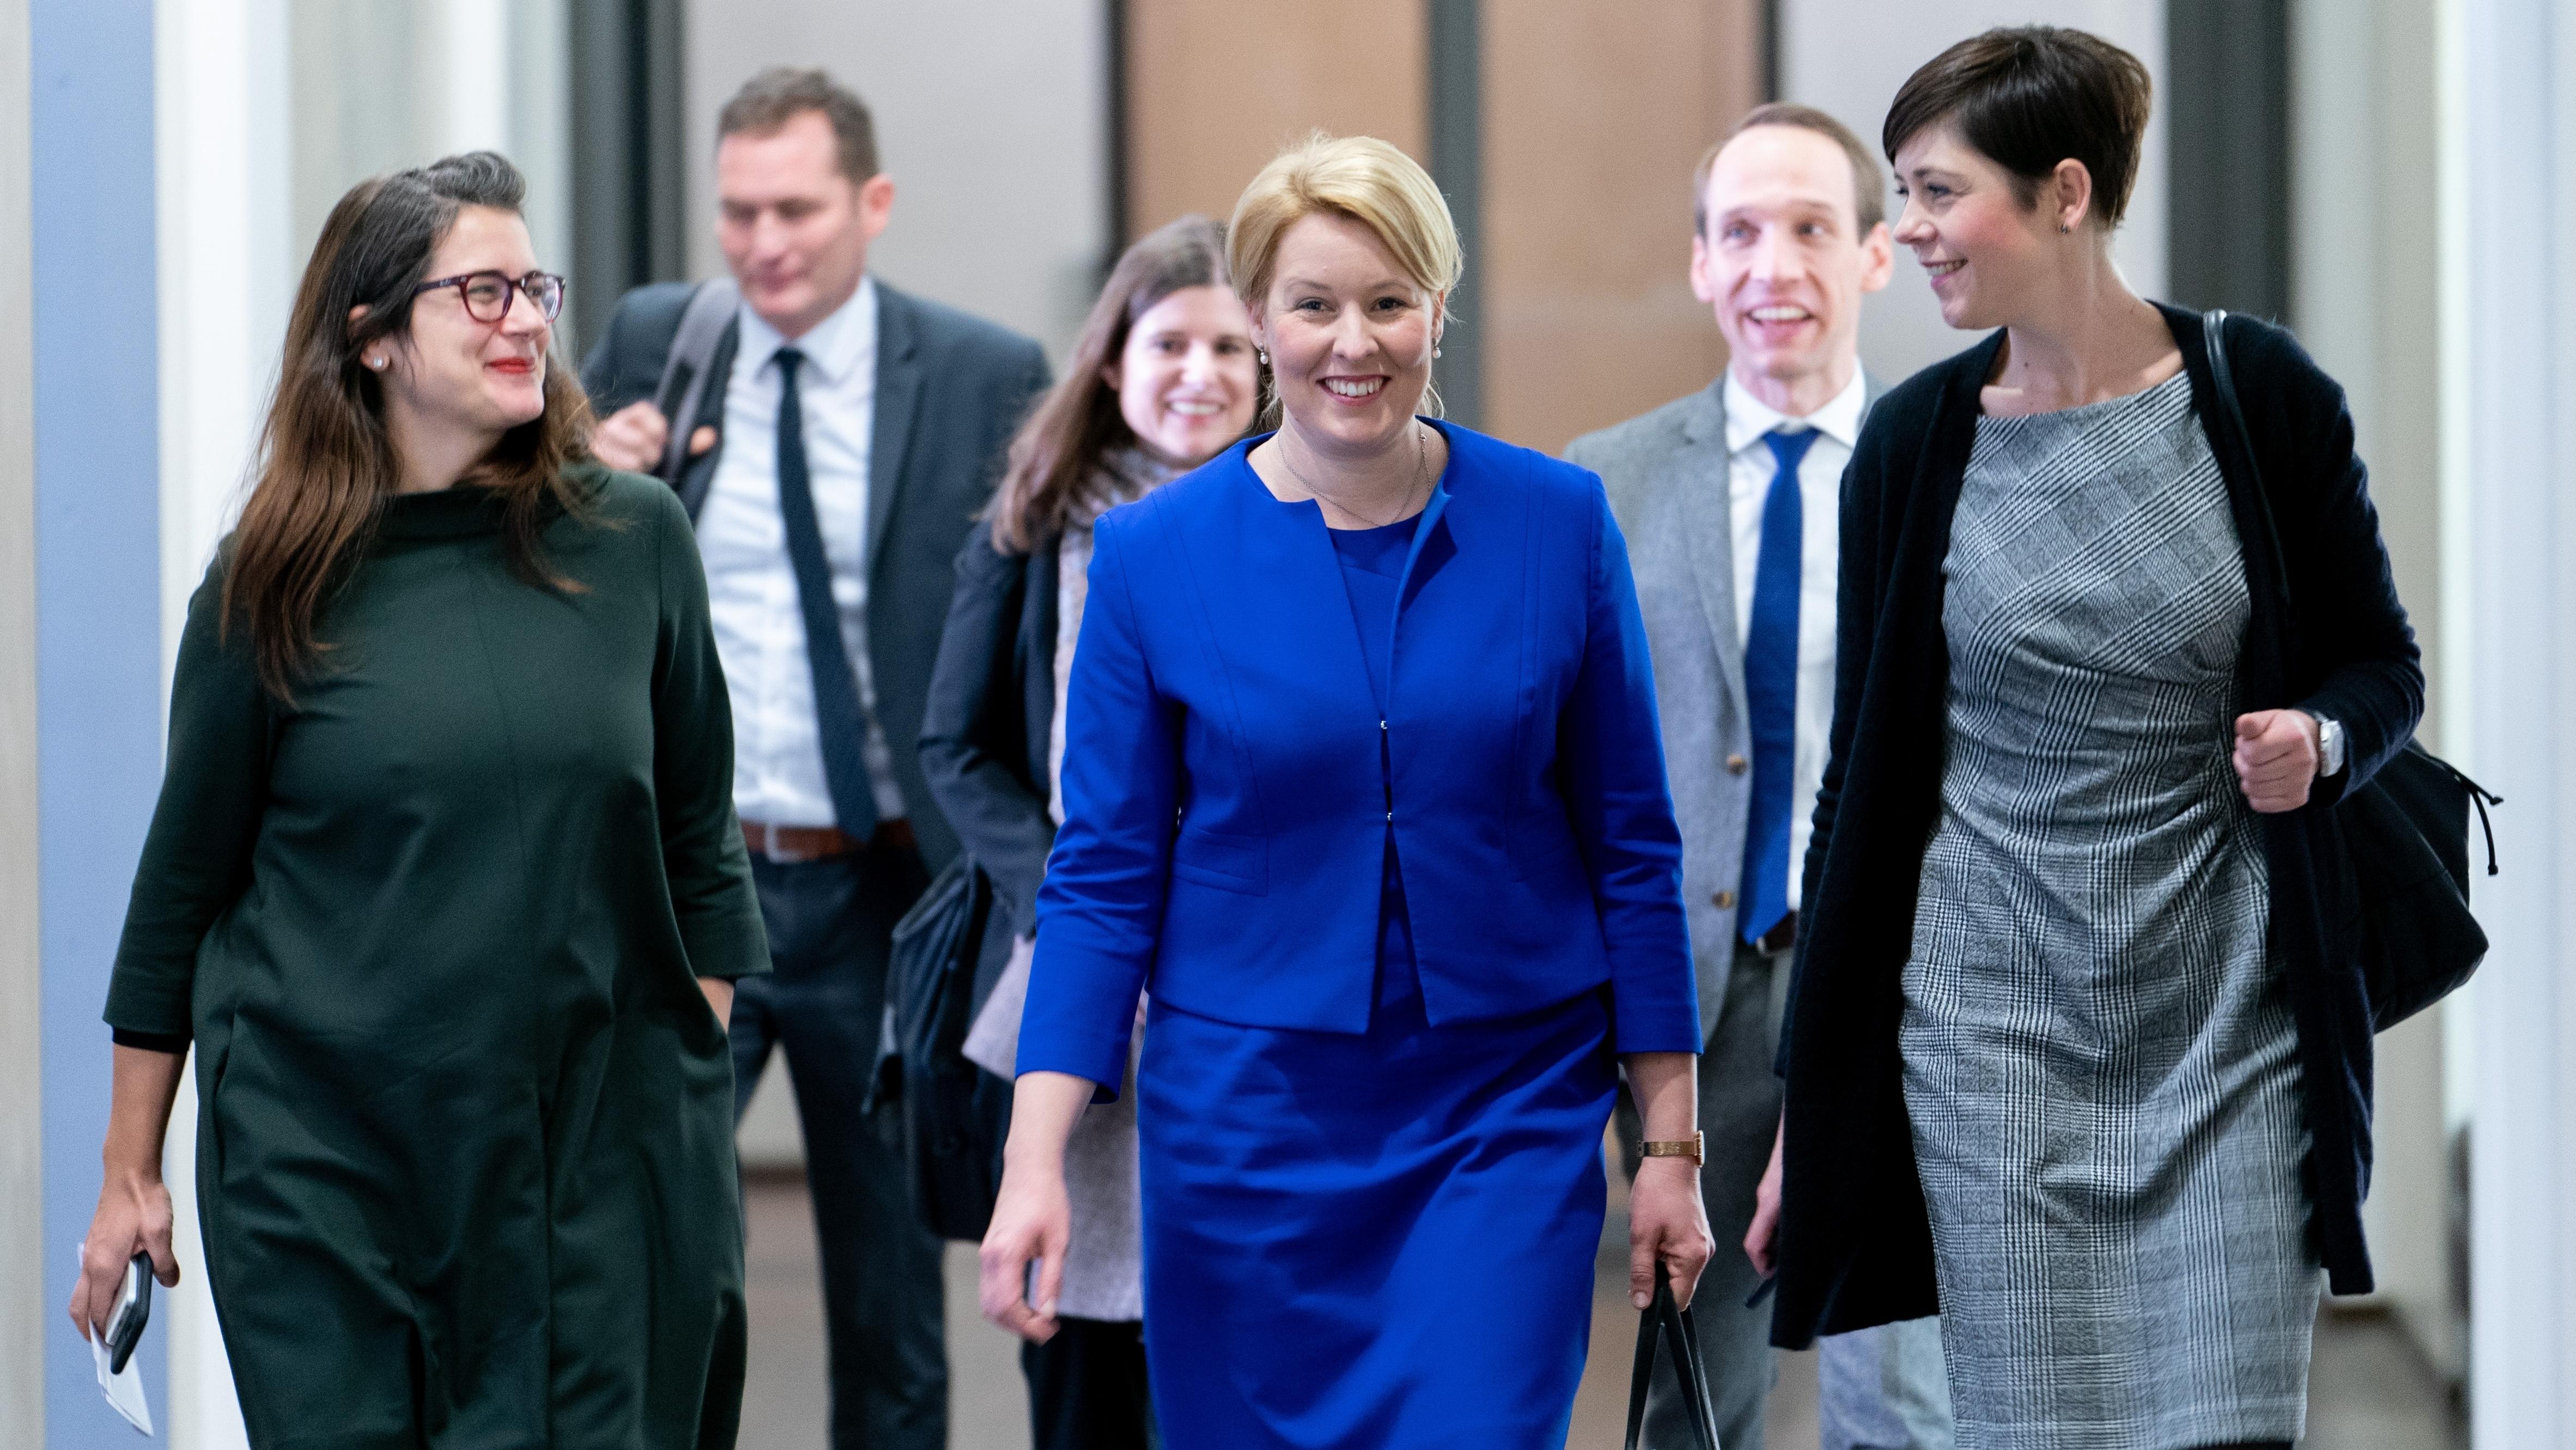 """Franziska Giffey (SPD, M), Bundesministerin für Familie, Senioren, Frauen und Jugend, verlässt mit ihren Mitarbeiterinnen nach der erfolgreichen Abstimmung über das """"Gute-Kita-Gesetz"""" den Bundesrat."""